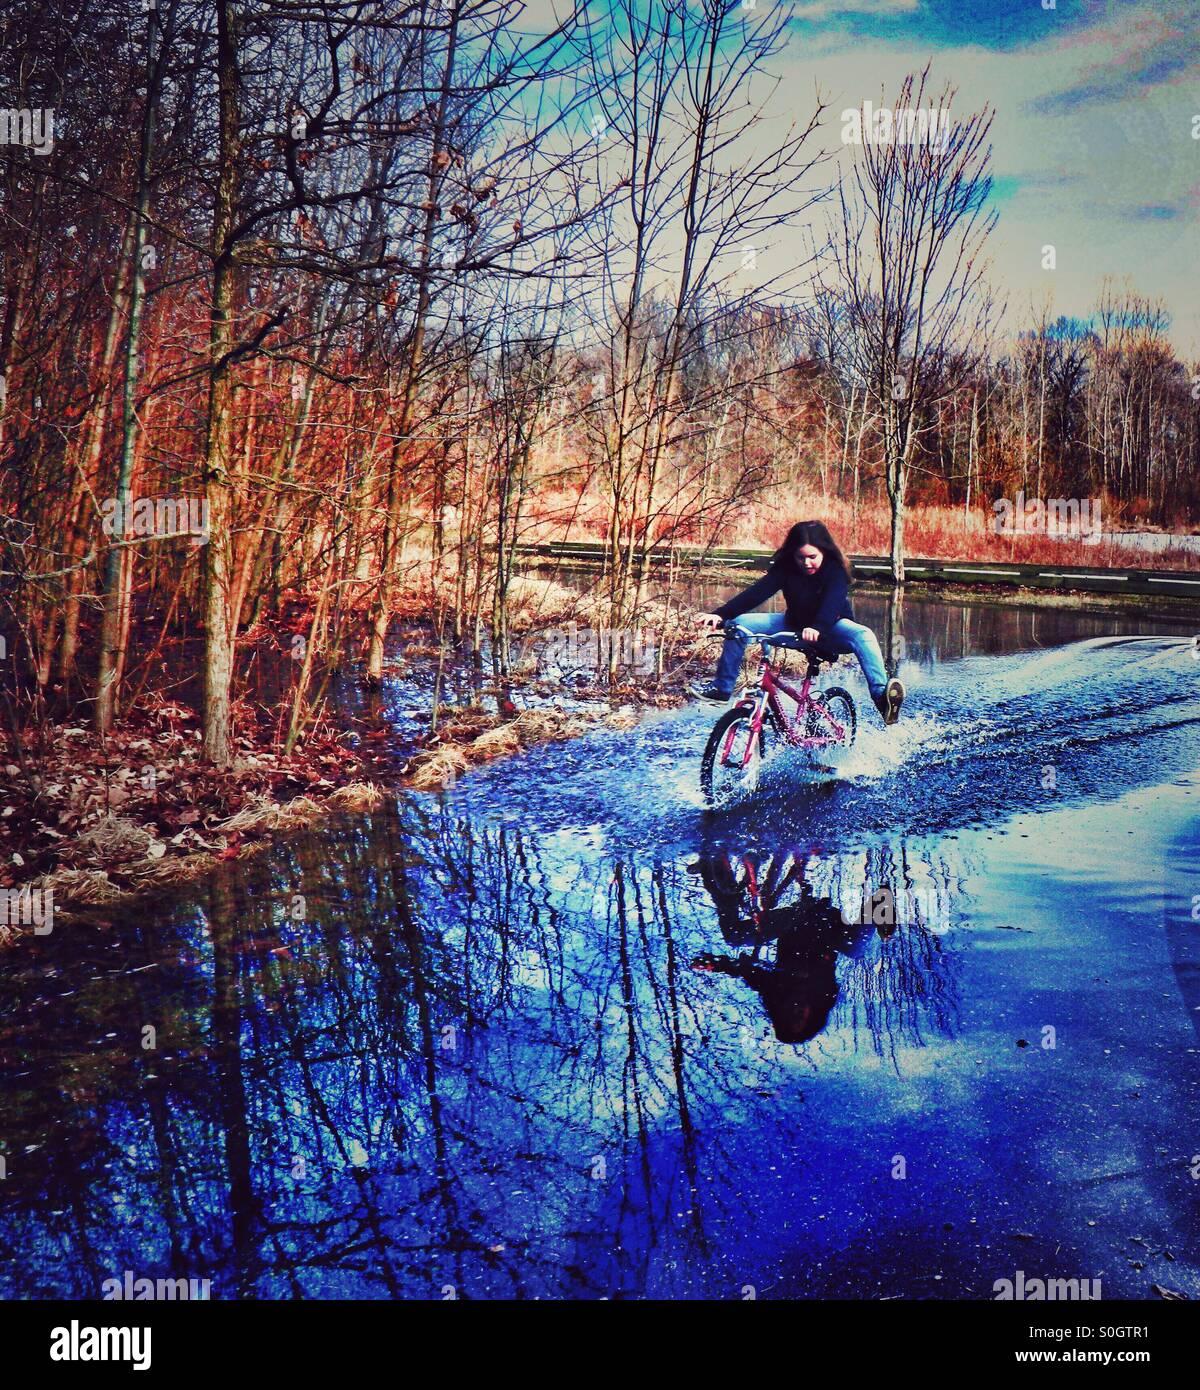 Chica montando su bicicleta Imagen De Stock